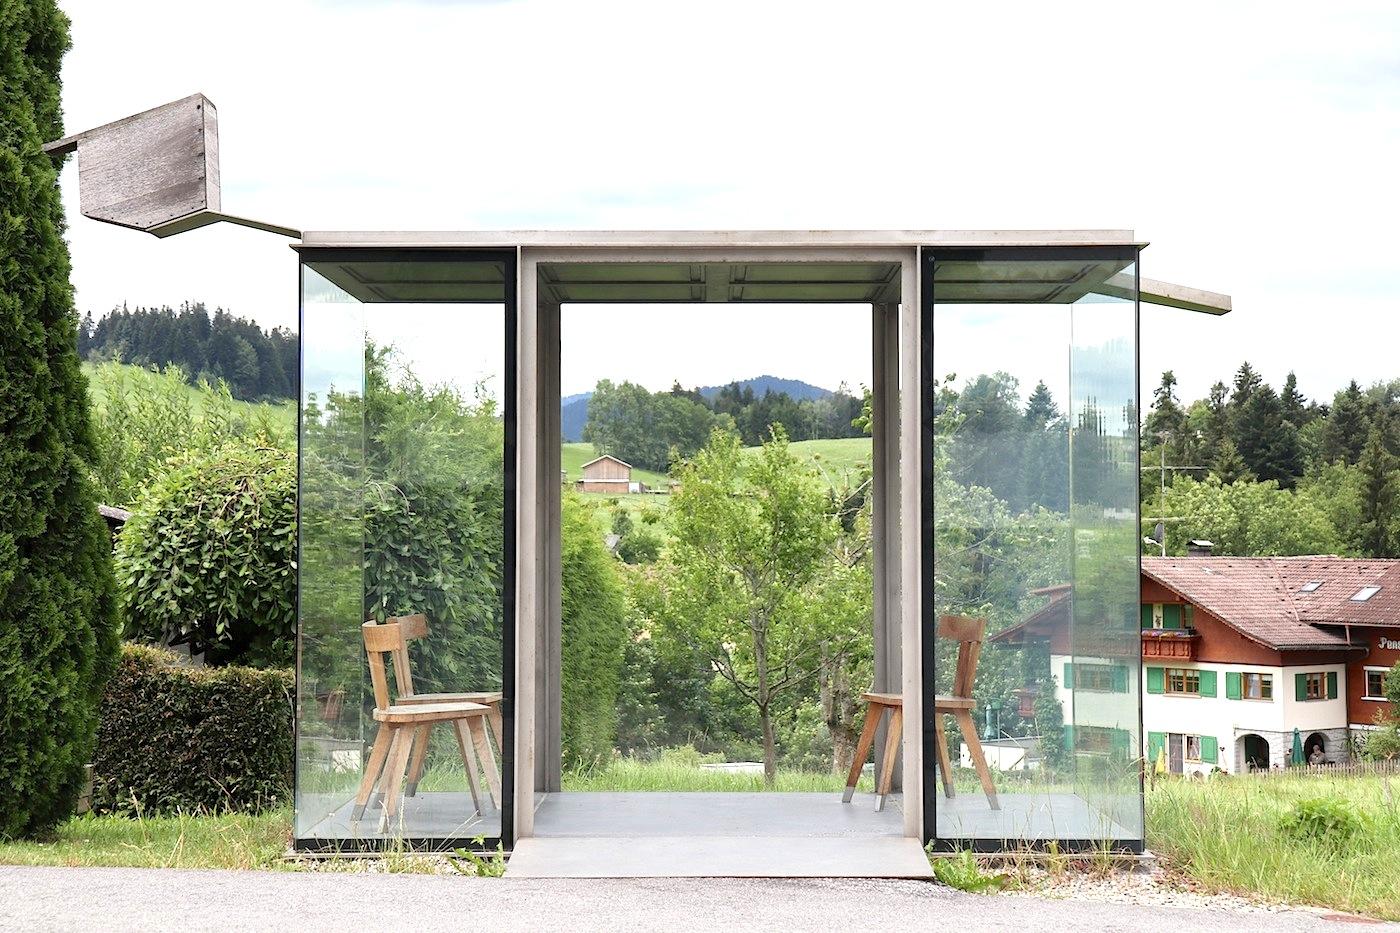 BUS:STOP in Zwing. Das von Smiljan Radic Clarke entworfene Wartehäuschen ist eine Referenz an die Bregenzerwälder Stube. Dazu hat er ein Stück Stube als Glaspavillon mit einer Kassettendecke aus schwarzem Beton in die Landschaft gesetzt. Drei rustikale Holzstühle und ein Vogelhaus komplettieren es.